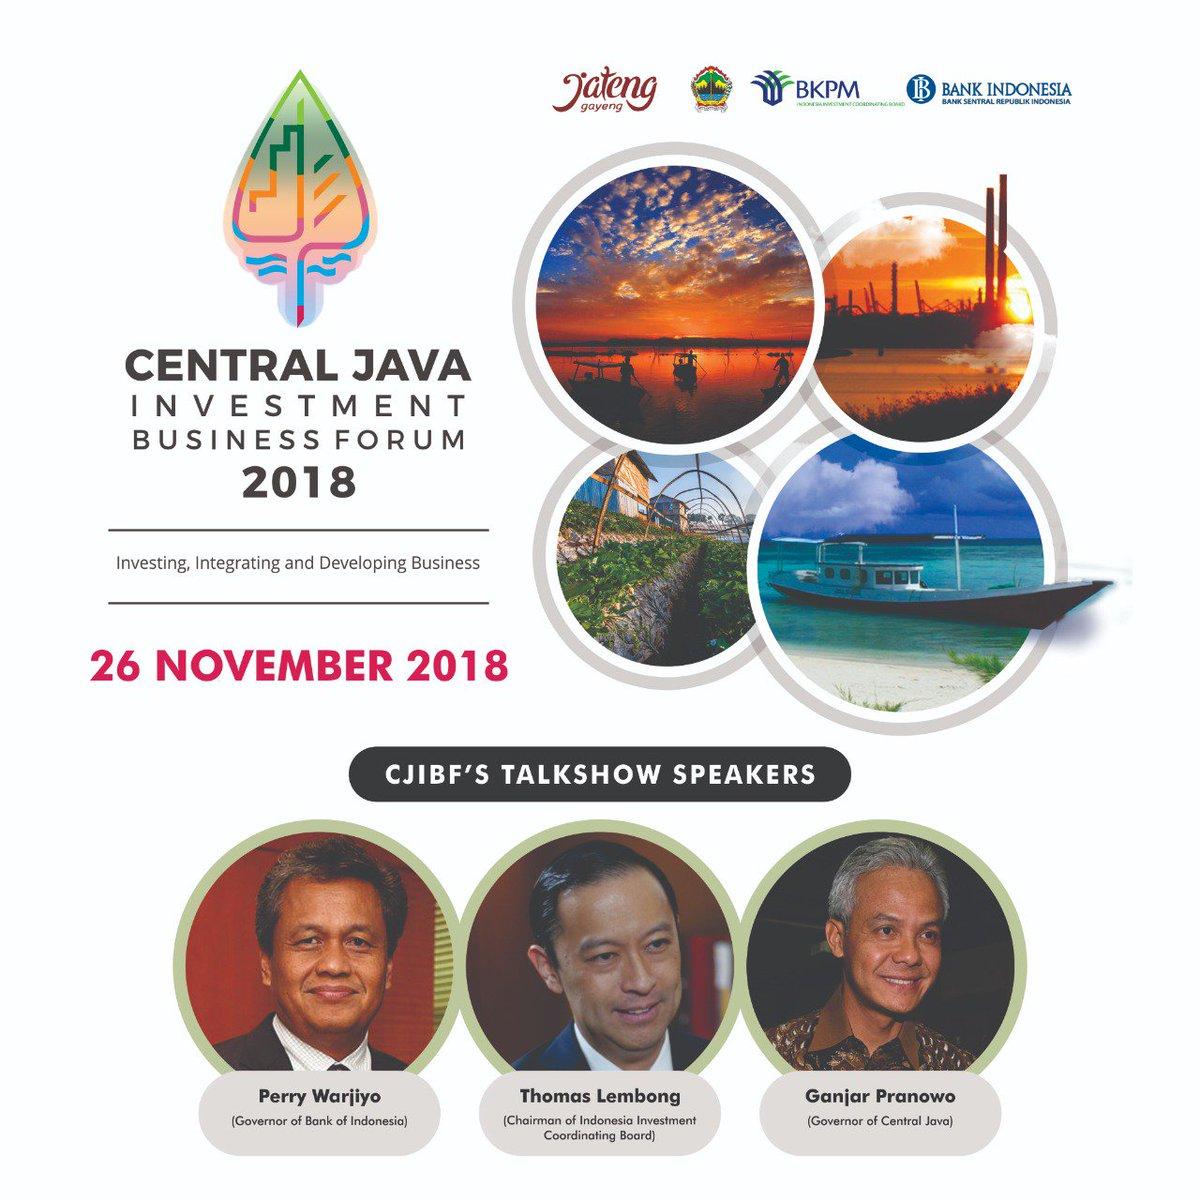 CJIBF ke XIV Tahun 2018 merupakan ajang promosi potensi  & peluang Investasi di Jawa Tengah. Penyelenggaraannya bertempat di Hotel Grand Sahid Jaya, Jakarta (26/11) @ganjarpranowo @bank_indonesia @bkpm @humasjateng @kominfo_jtg